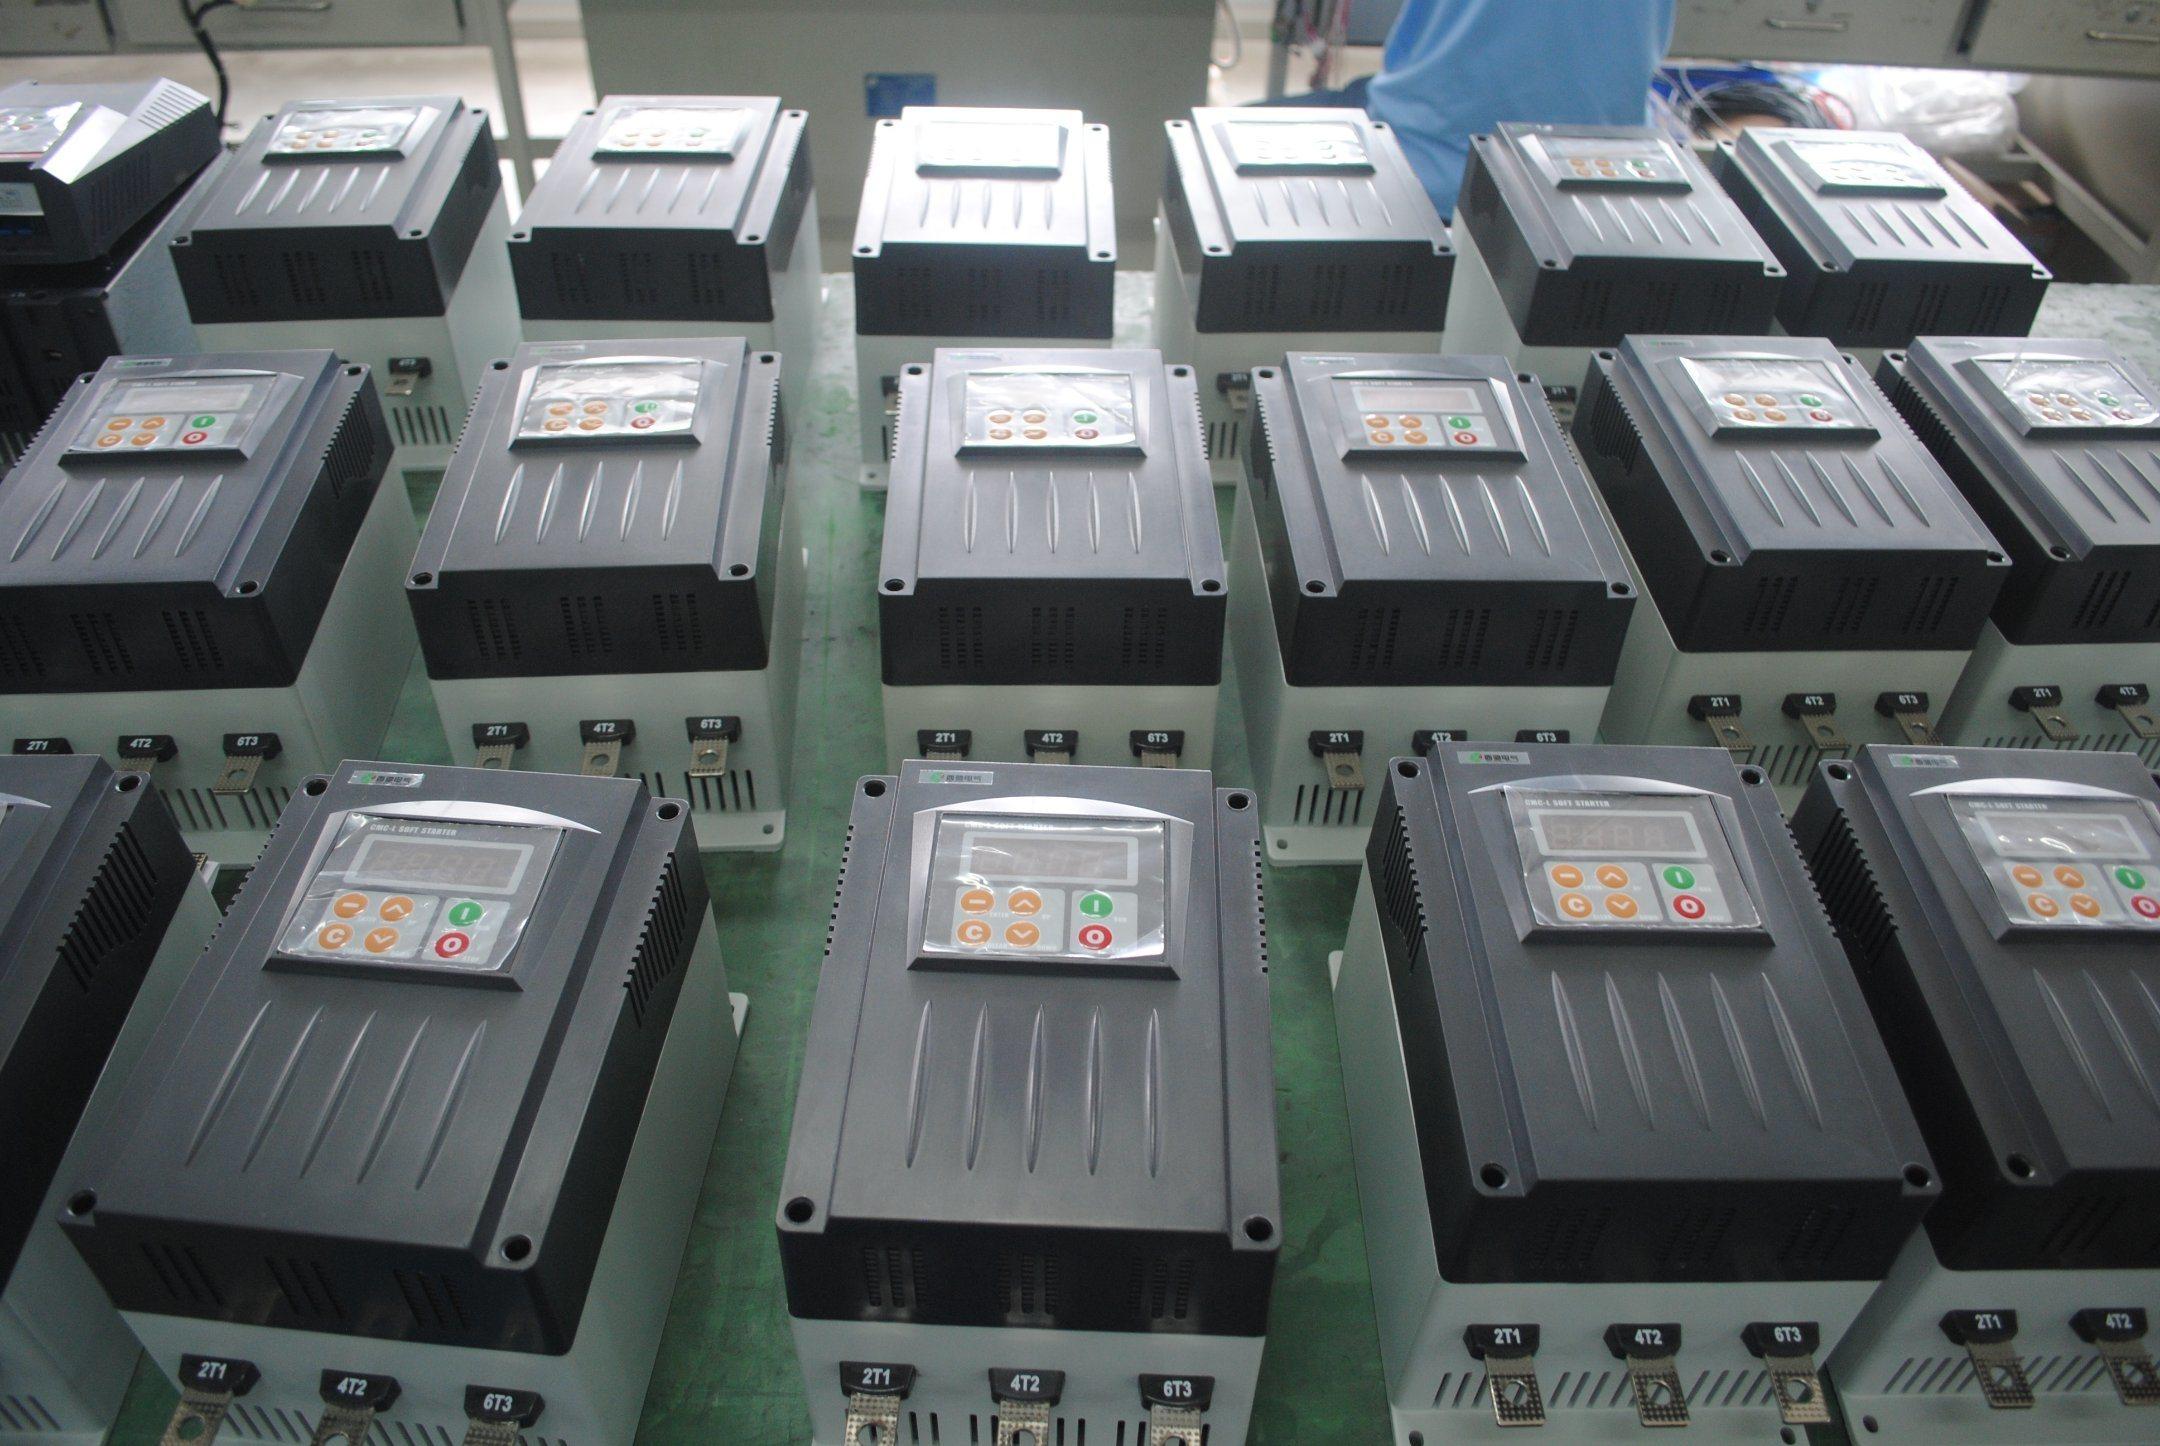 3 Phase AC220V-690V 7.5kw AC Motor Soft Starter